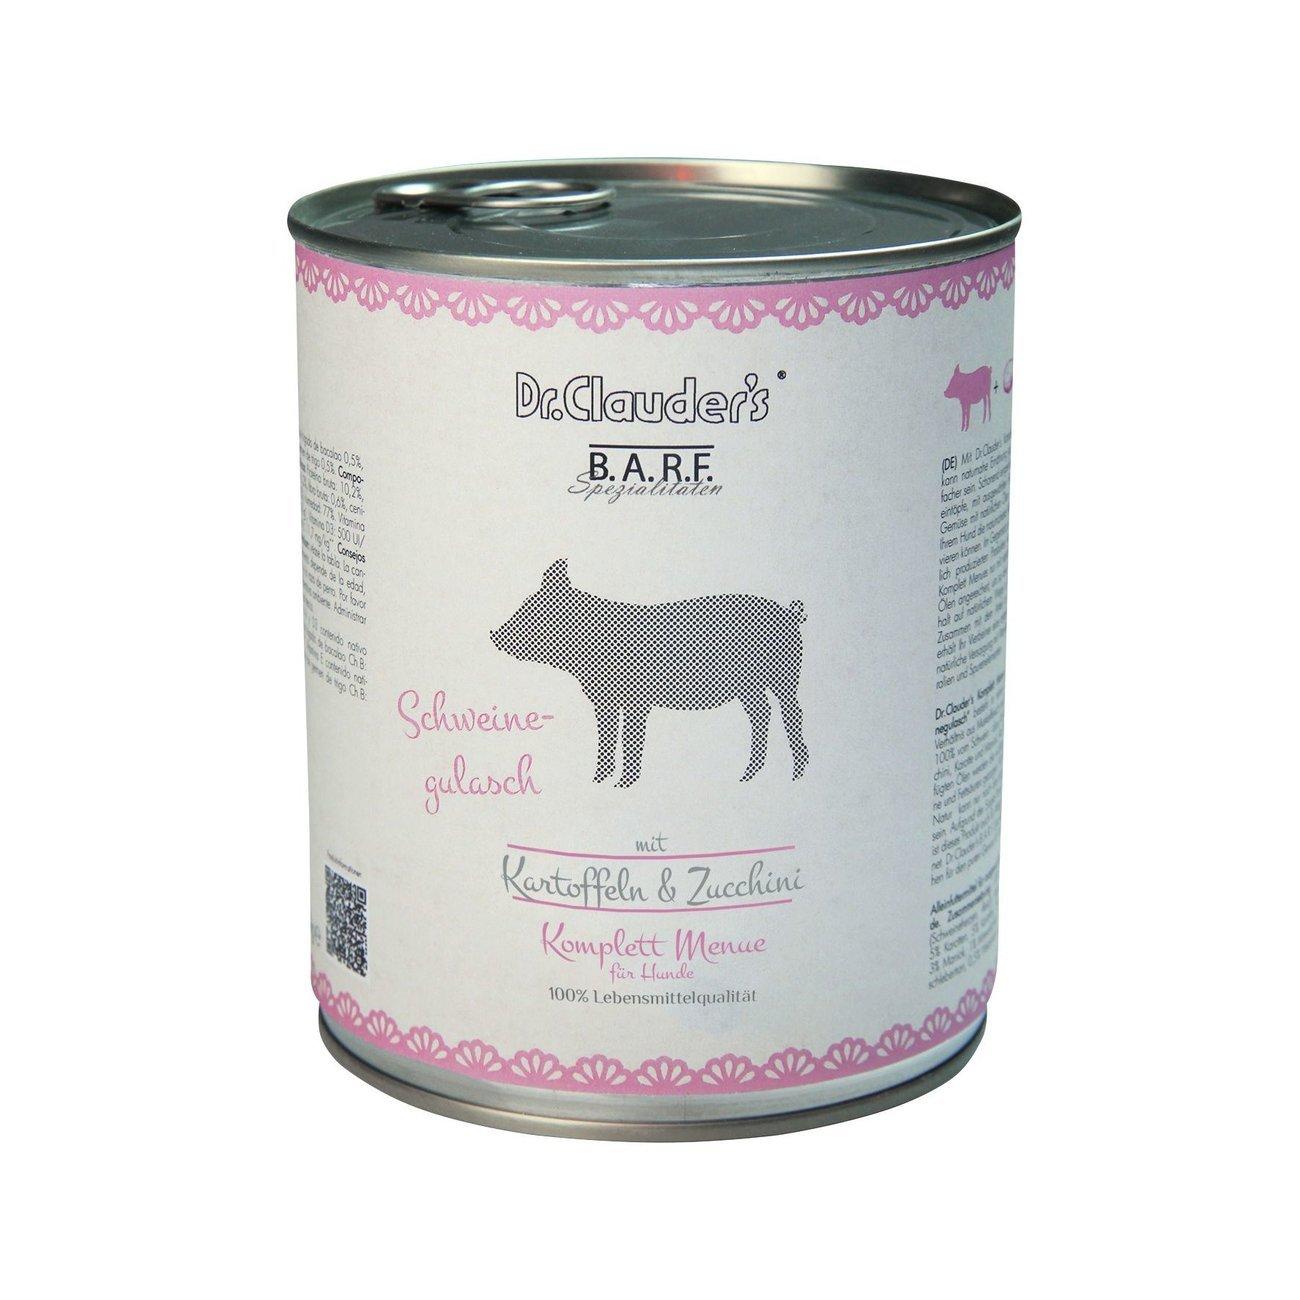 Dr. Clauders Barf Dog Komplettmenü Schweinegulasch, 6 x 800 g